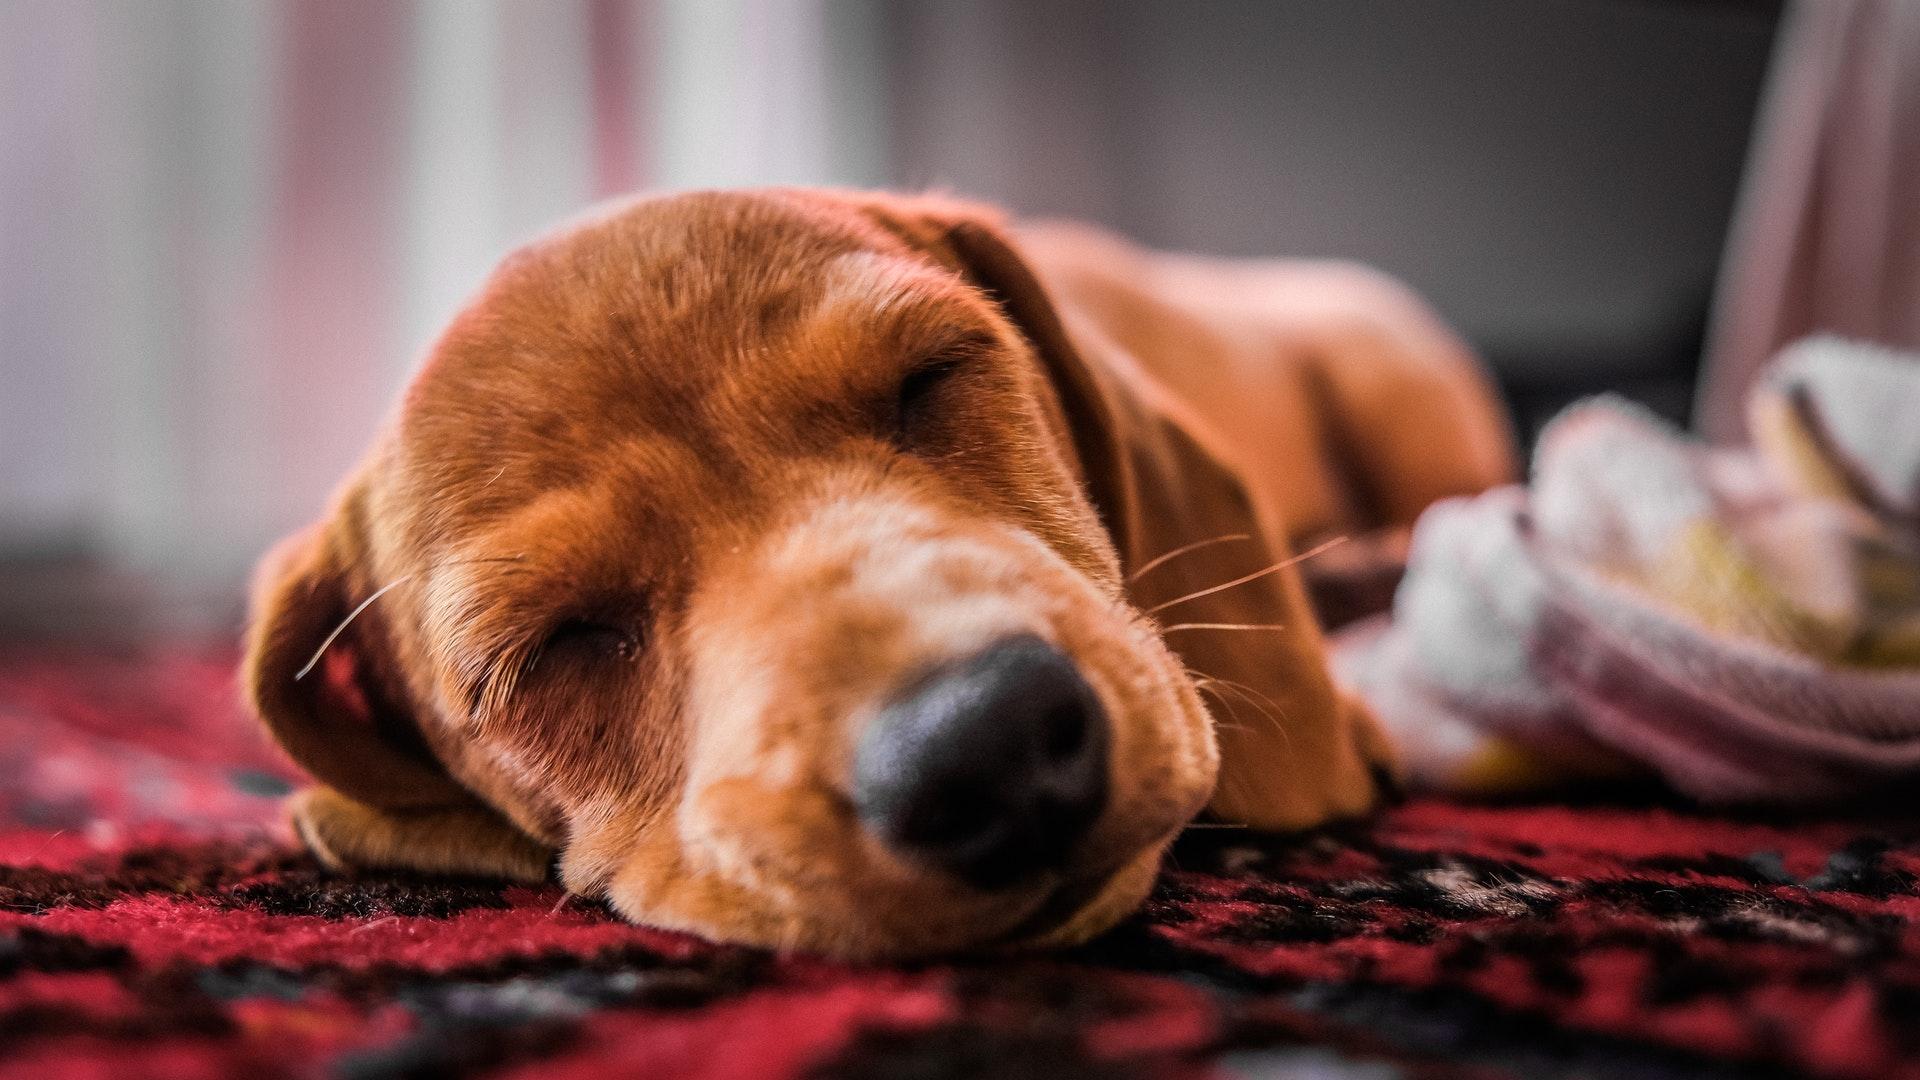 download wallpaper: hondje diep in slaap wallpaper